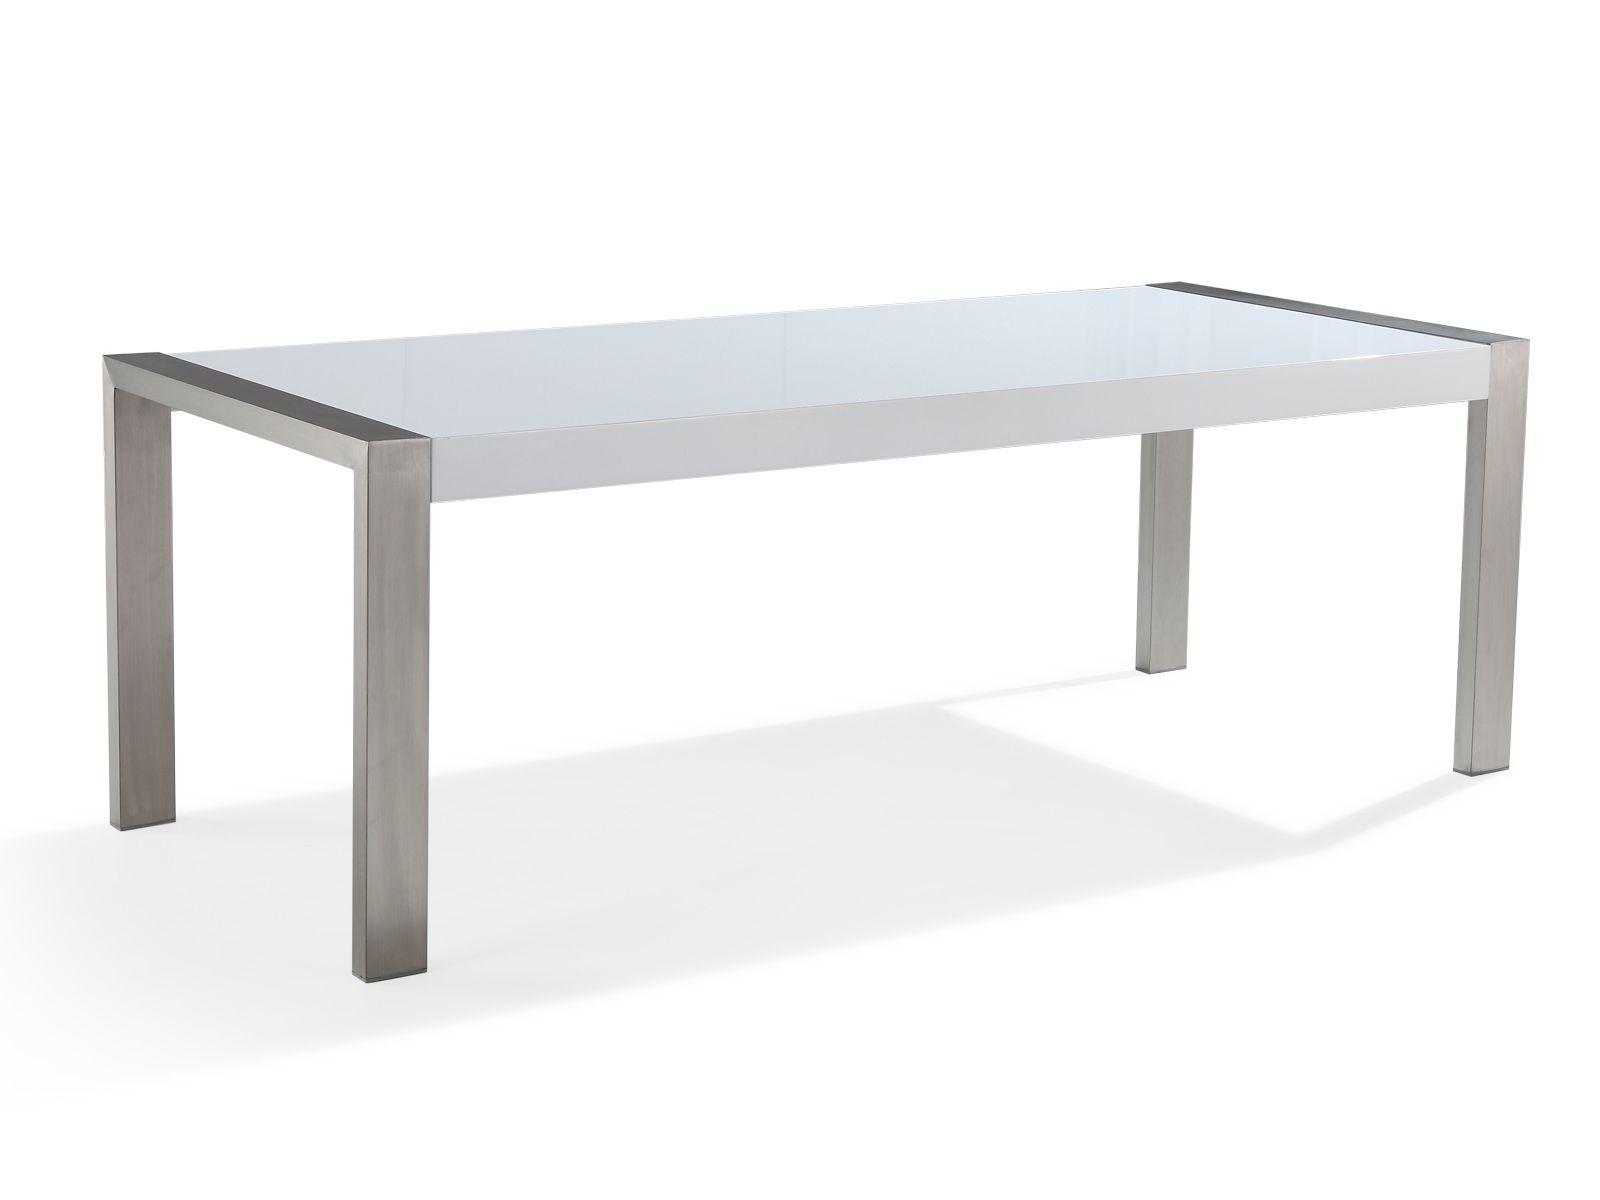 Luxus Esstisch 220 cm rostfrei - Tisch aus Edelstahl - Edelstahltisch - Stahl - ARCTIC I